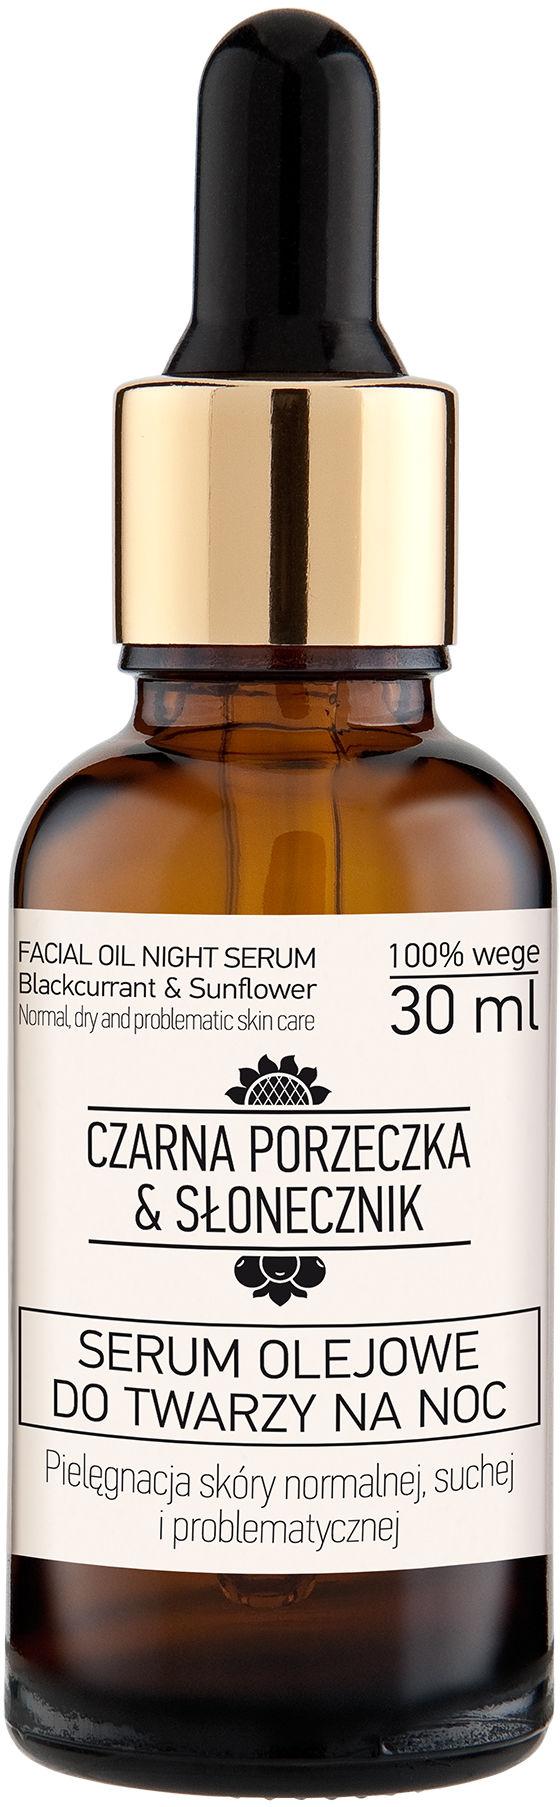 Serum olejowe do twarzy na noc Czarna porzeczka - Słonecznik 30ml